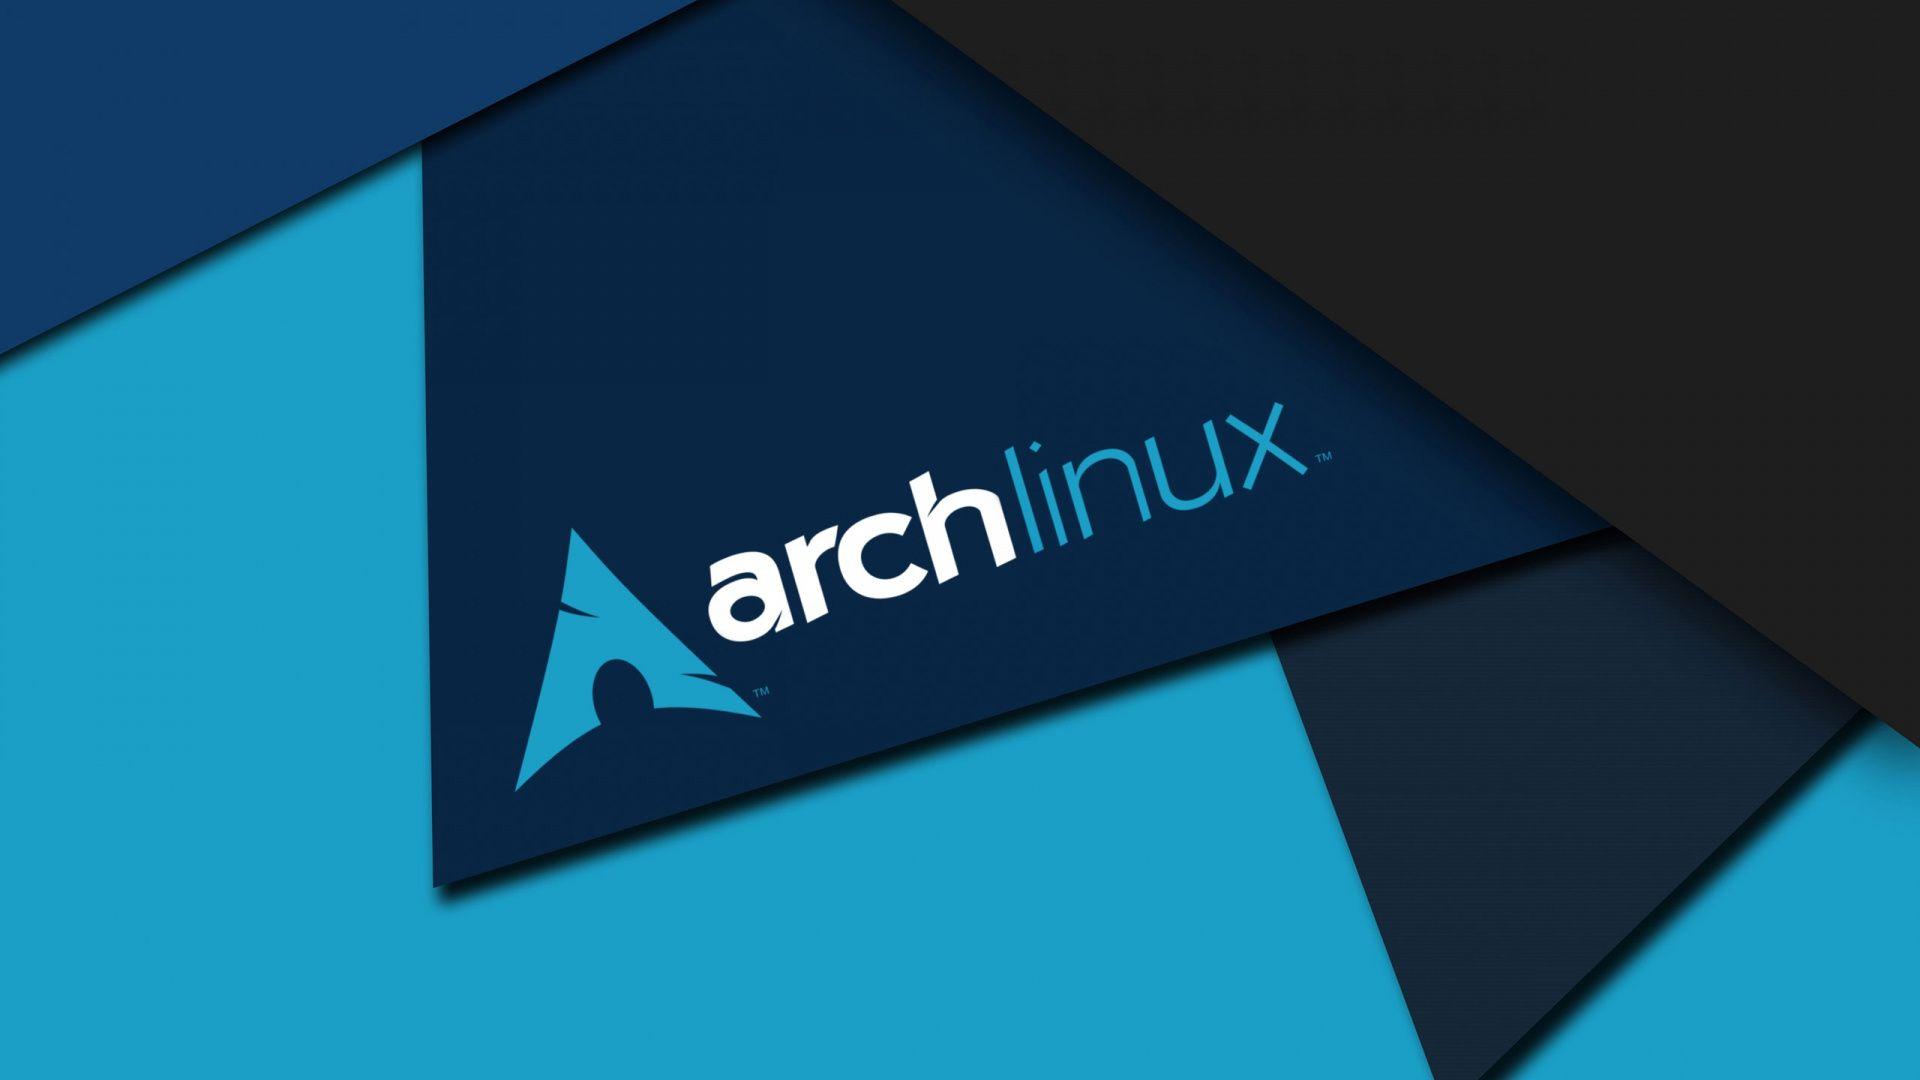 Arch jpg